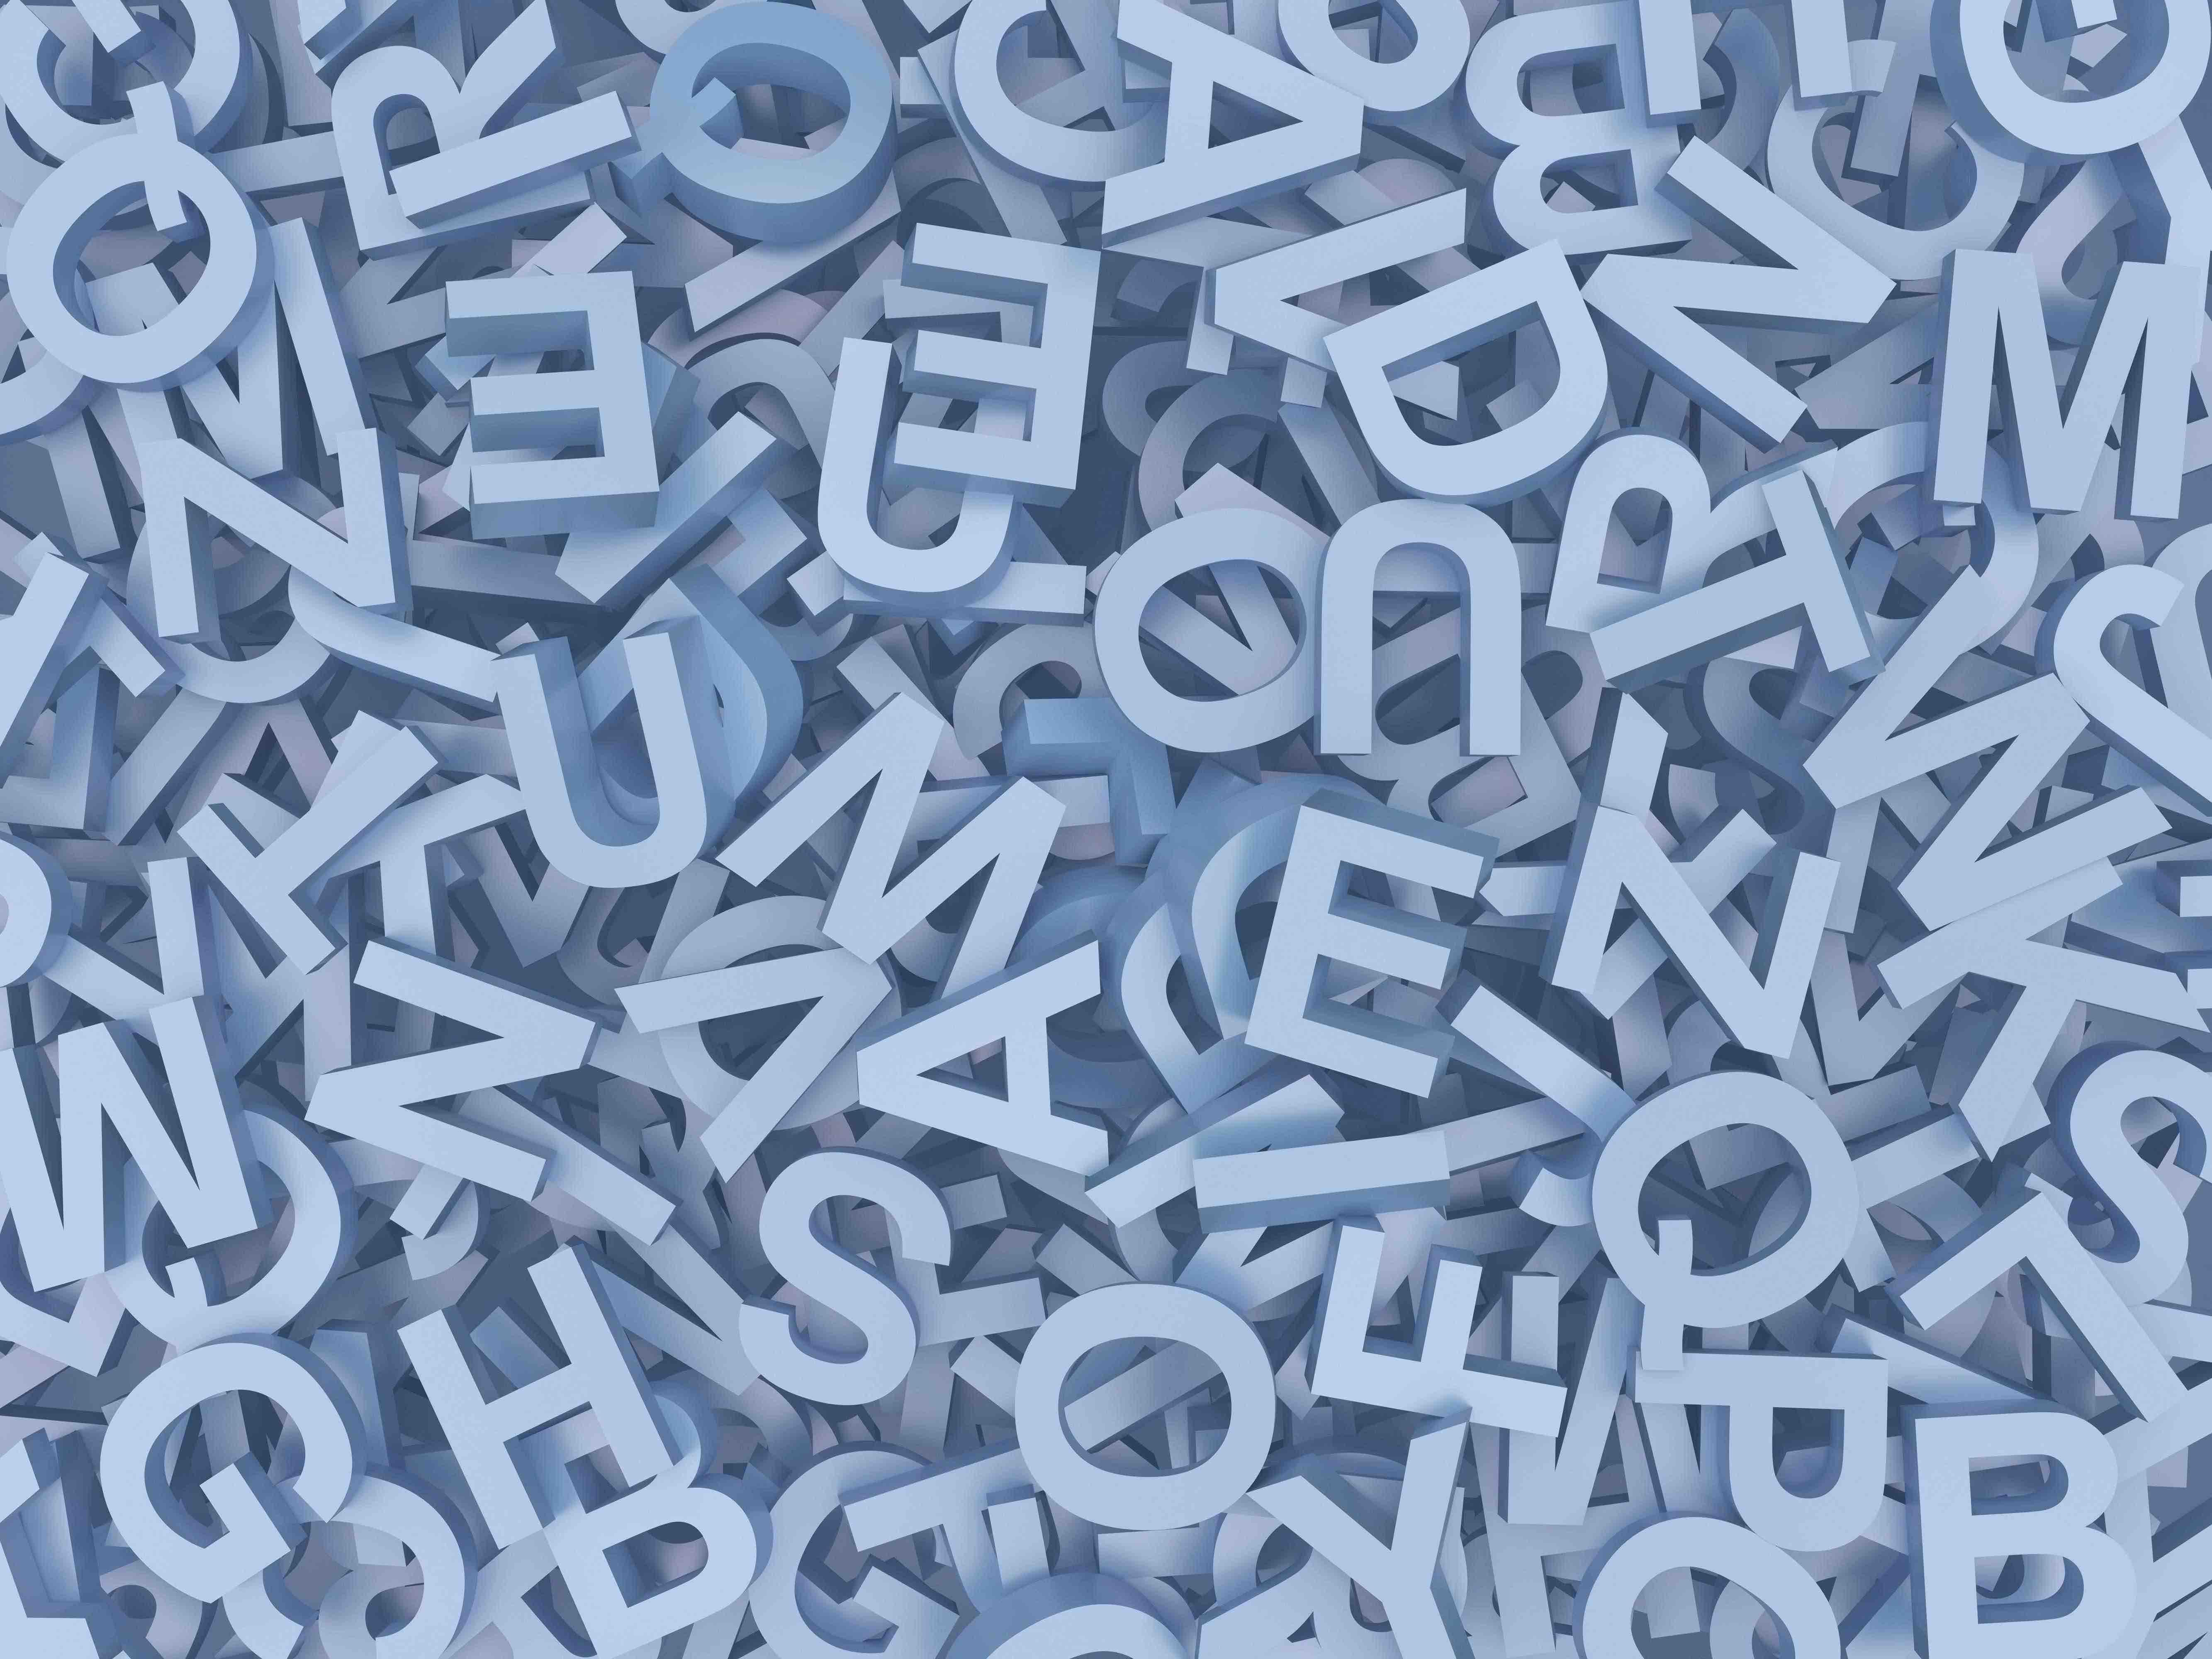 rechtschreibung lernen, rechtschreibung verbessern